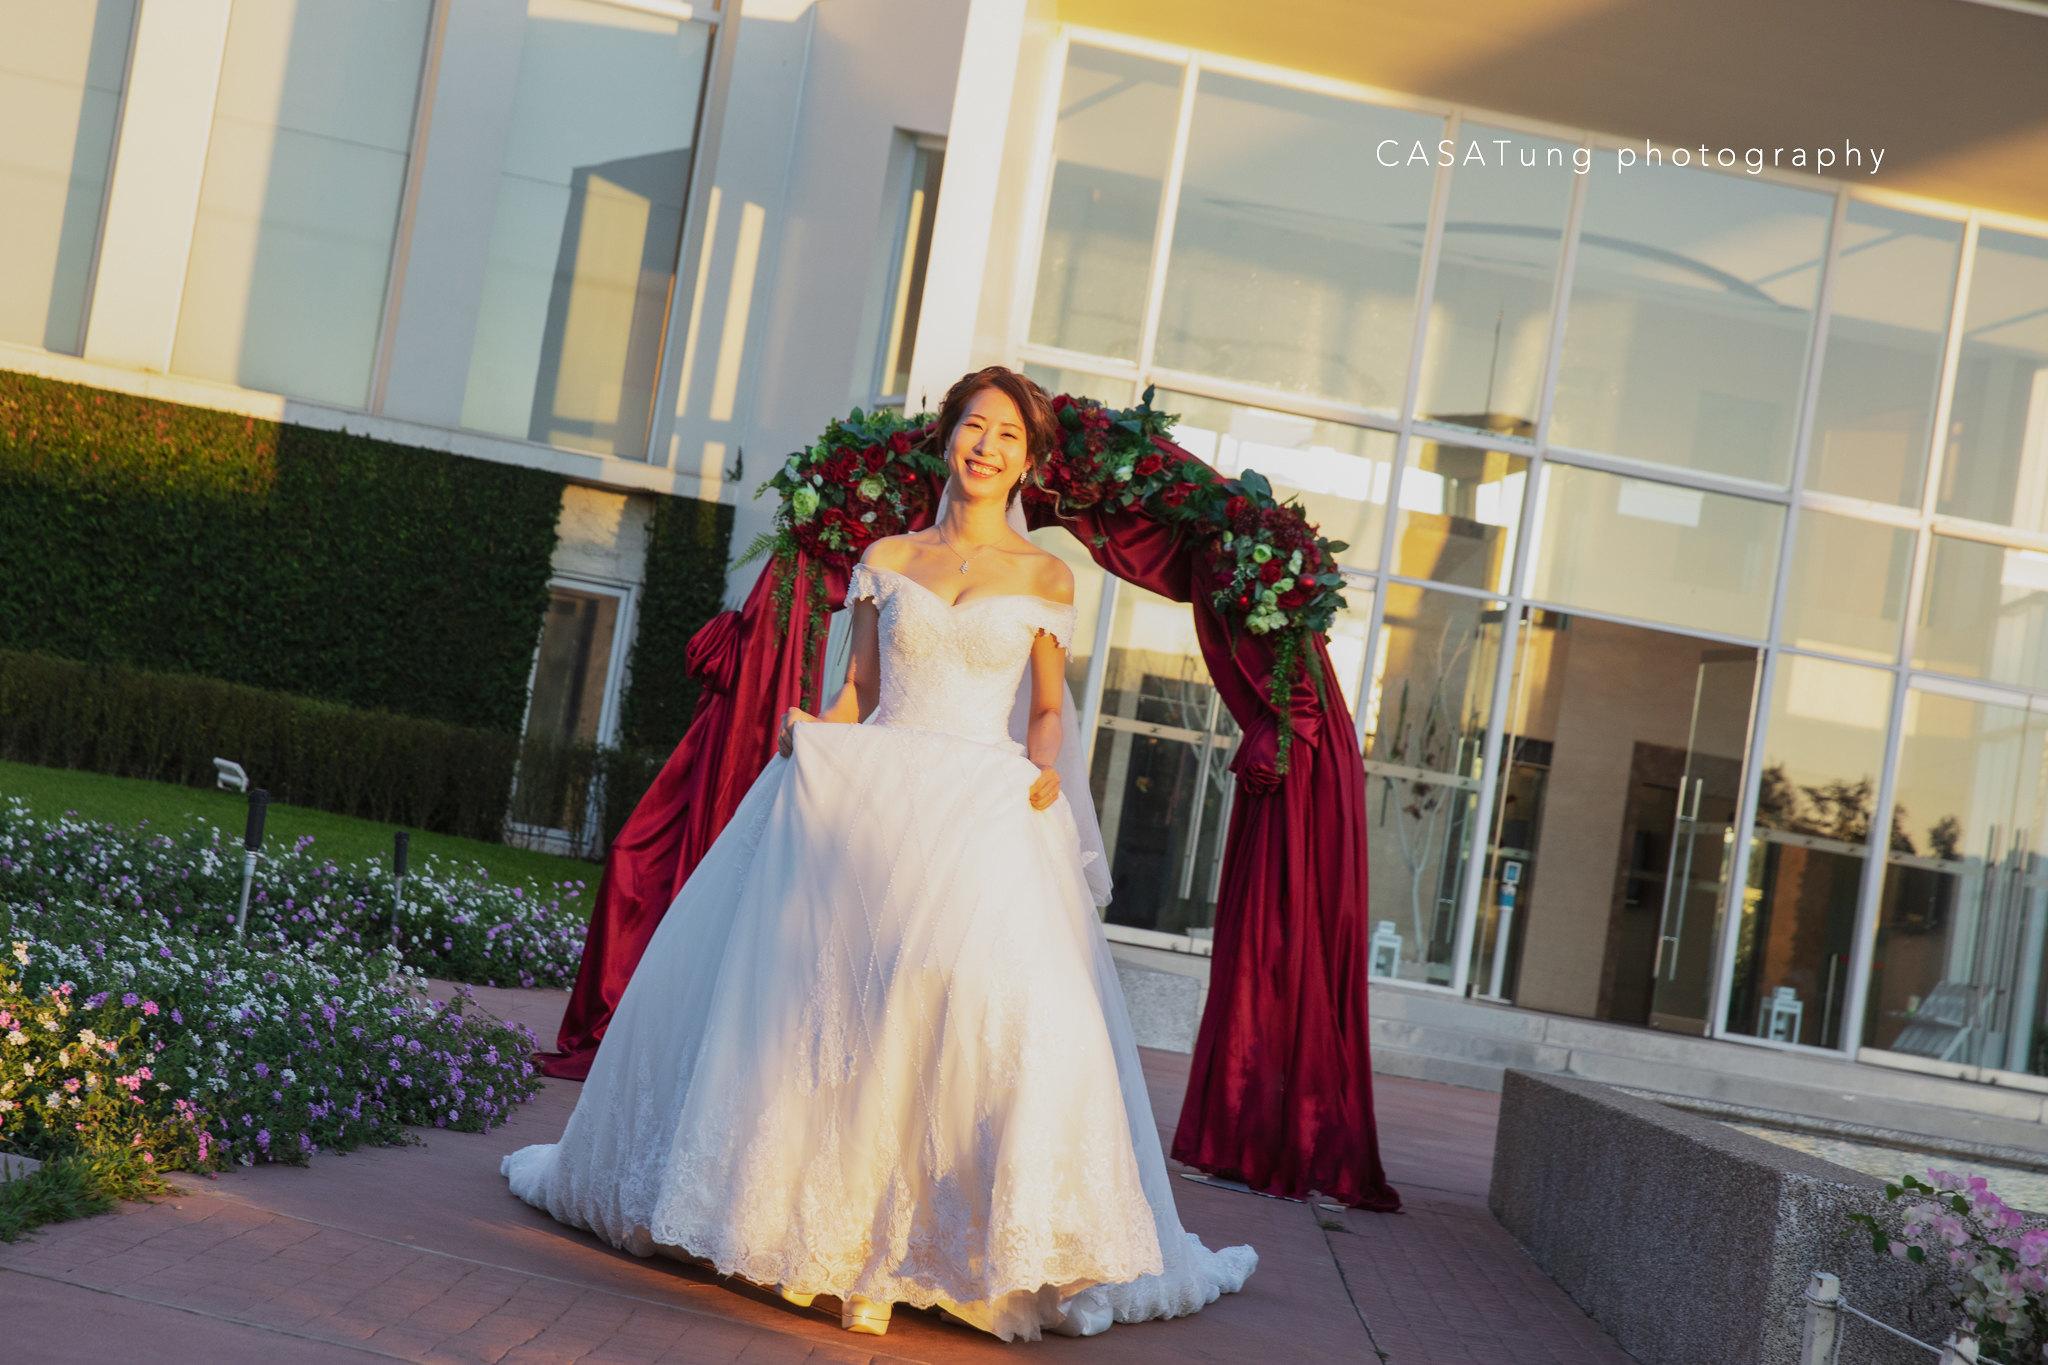 台中自助婚紗,旋轉木馬,心之芳庭,婚攝casa-39